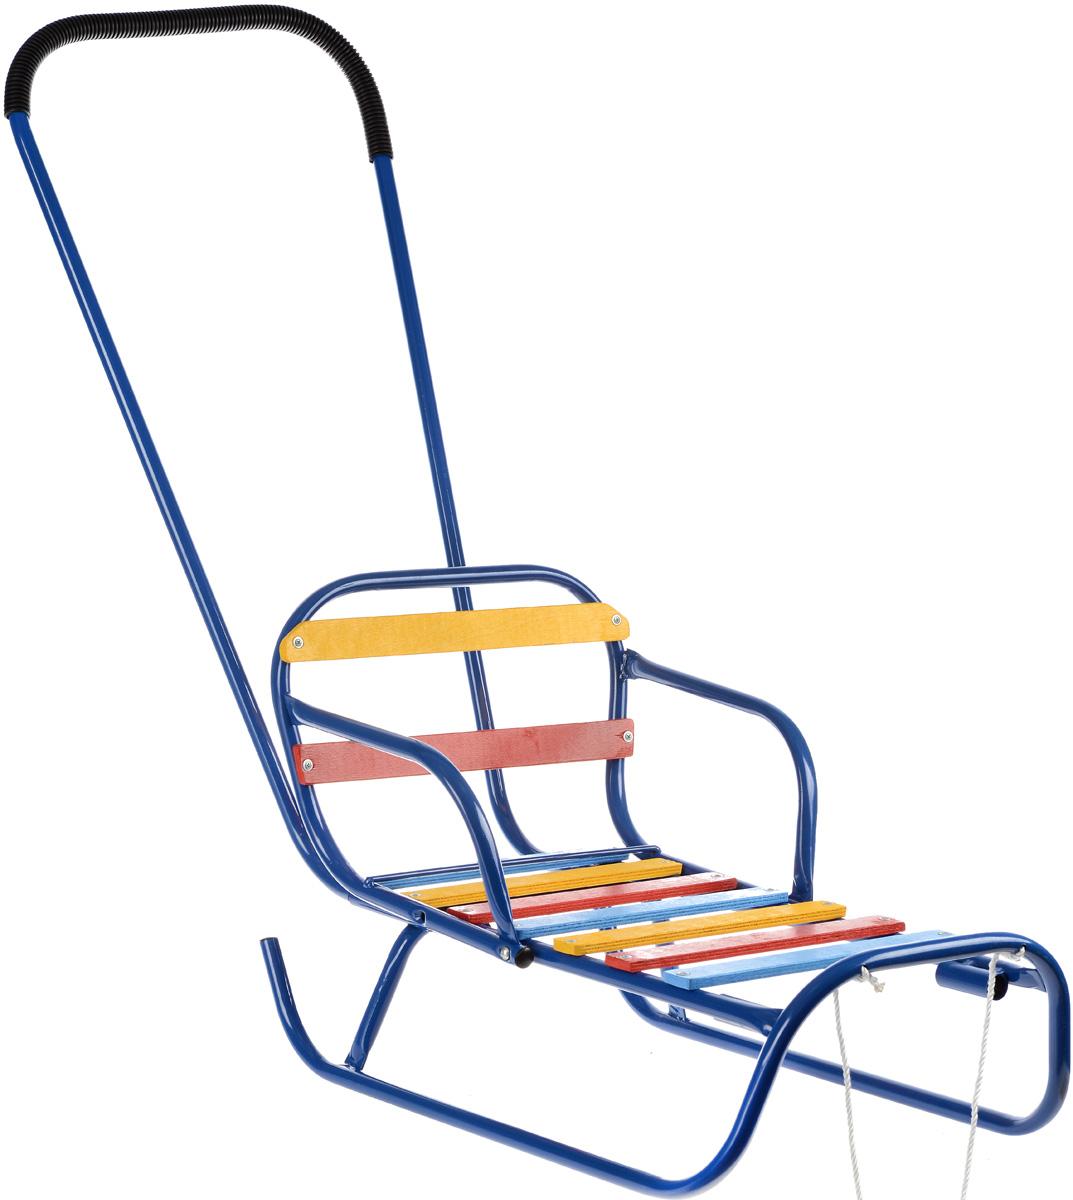 Санки-трансформер, со съемным толкателем и спинкой, цвет: синий. З-1145.08Хот ШейперсСанки-трансформер, со съемным толкателем и спинкой, цвет: синий. З-1145.08